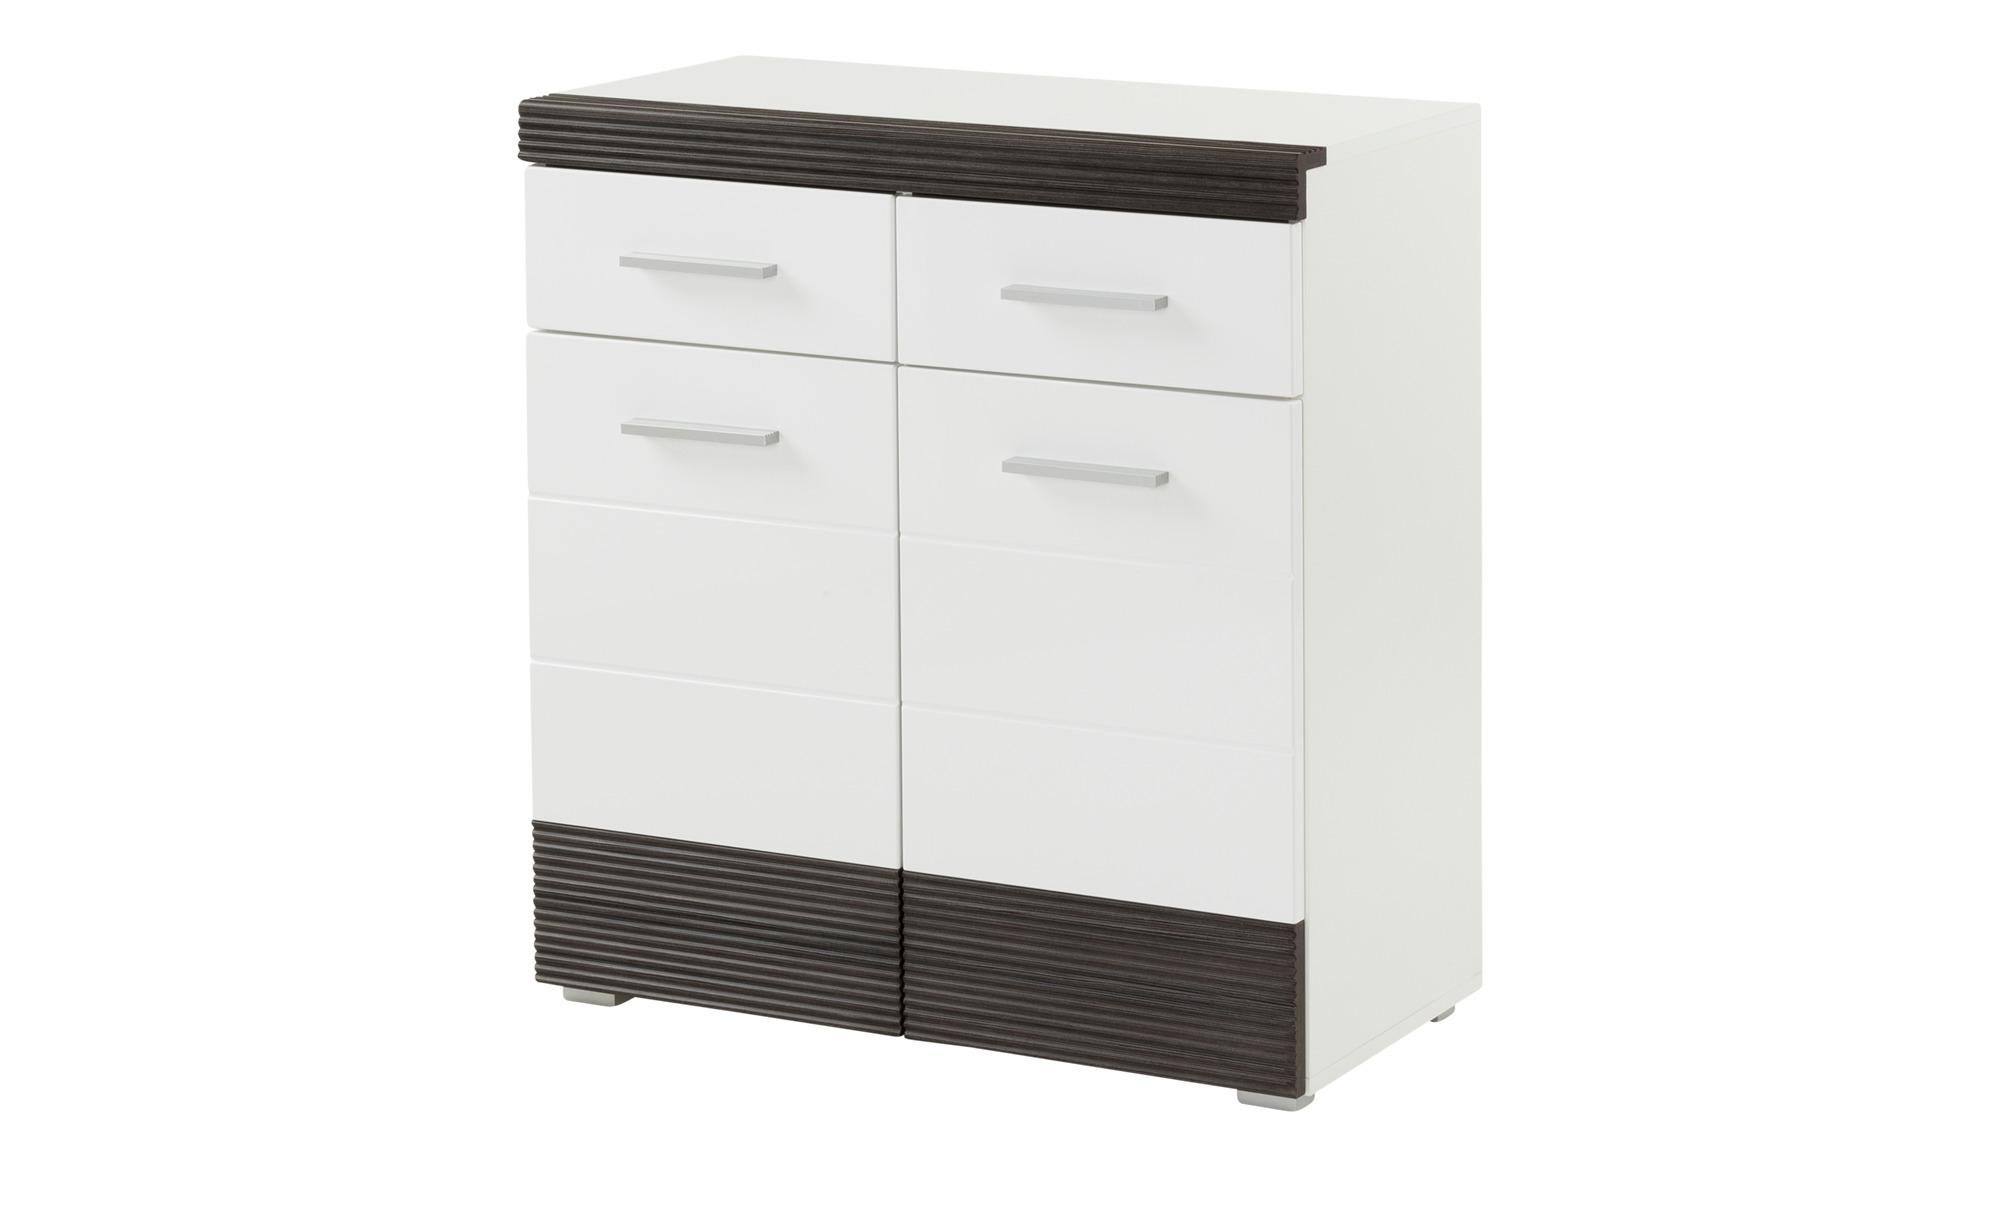 kommode moniga breite 80 cm h he 89 cm wei online kaufen bei woonio. Black Bedroom Furniture Sets. Home Design Ideas